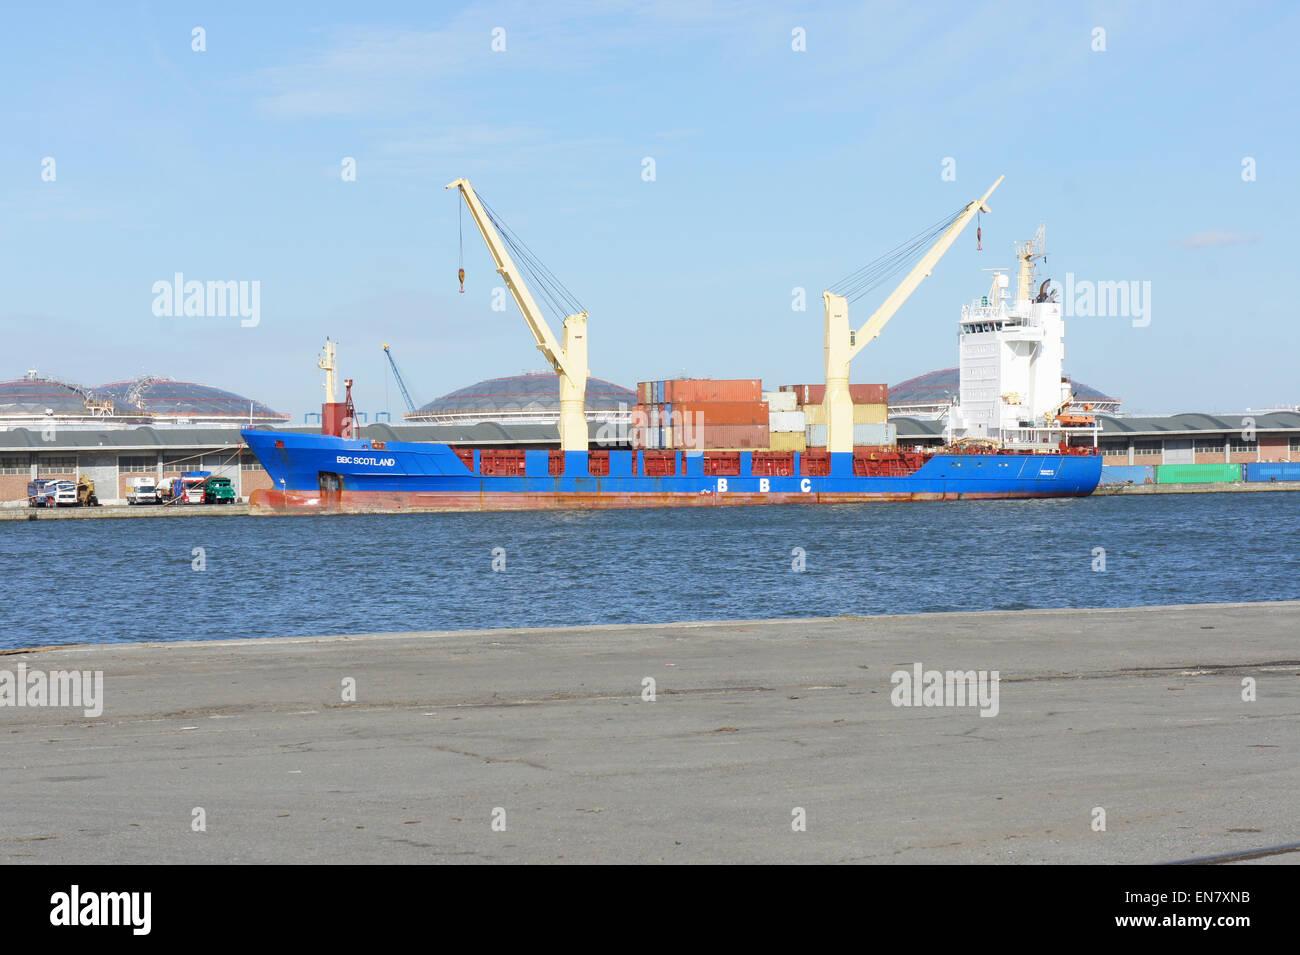 BBC Scotland - IMO 9266322 - Cargo Ship - Callsign ZDFF3